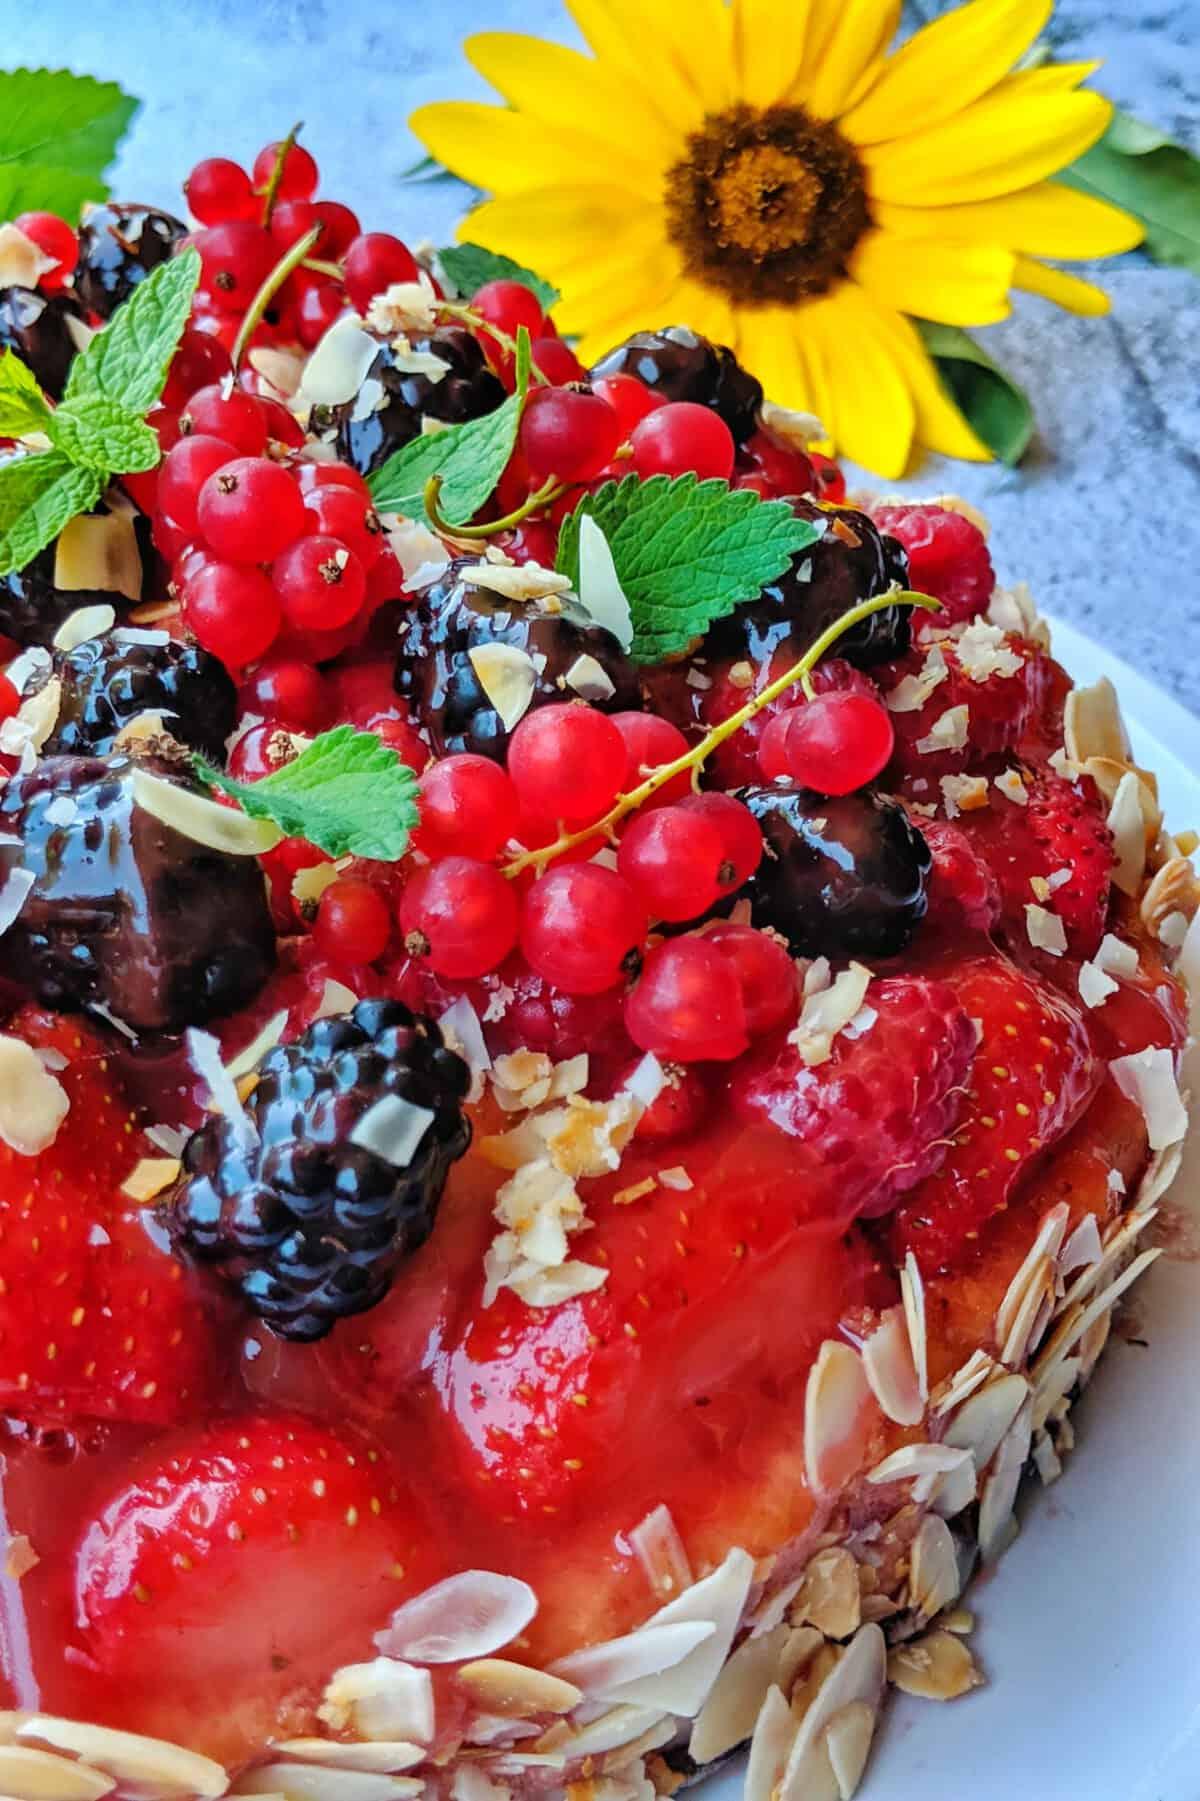 Eine Servierplatte mit einem Obstkuchen mit vielen bunten Fruechten. Dahinter Deko.